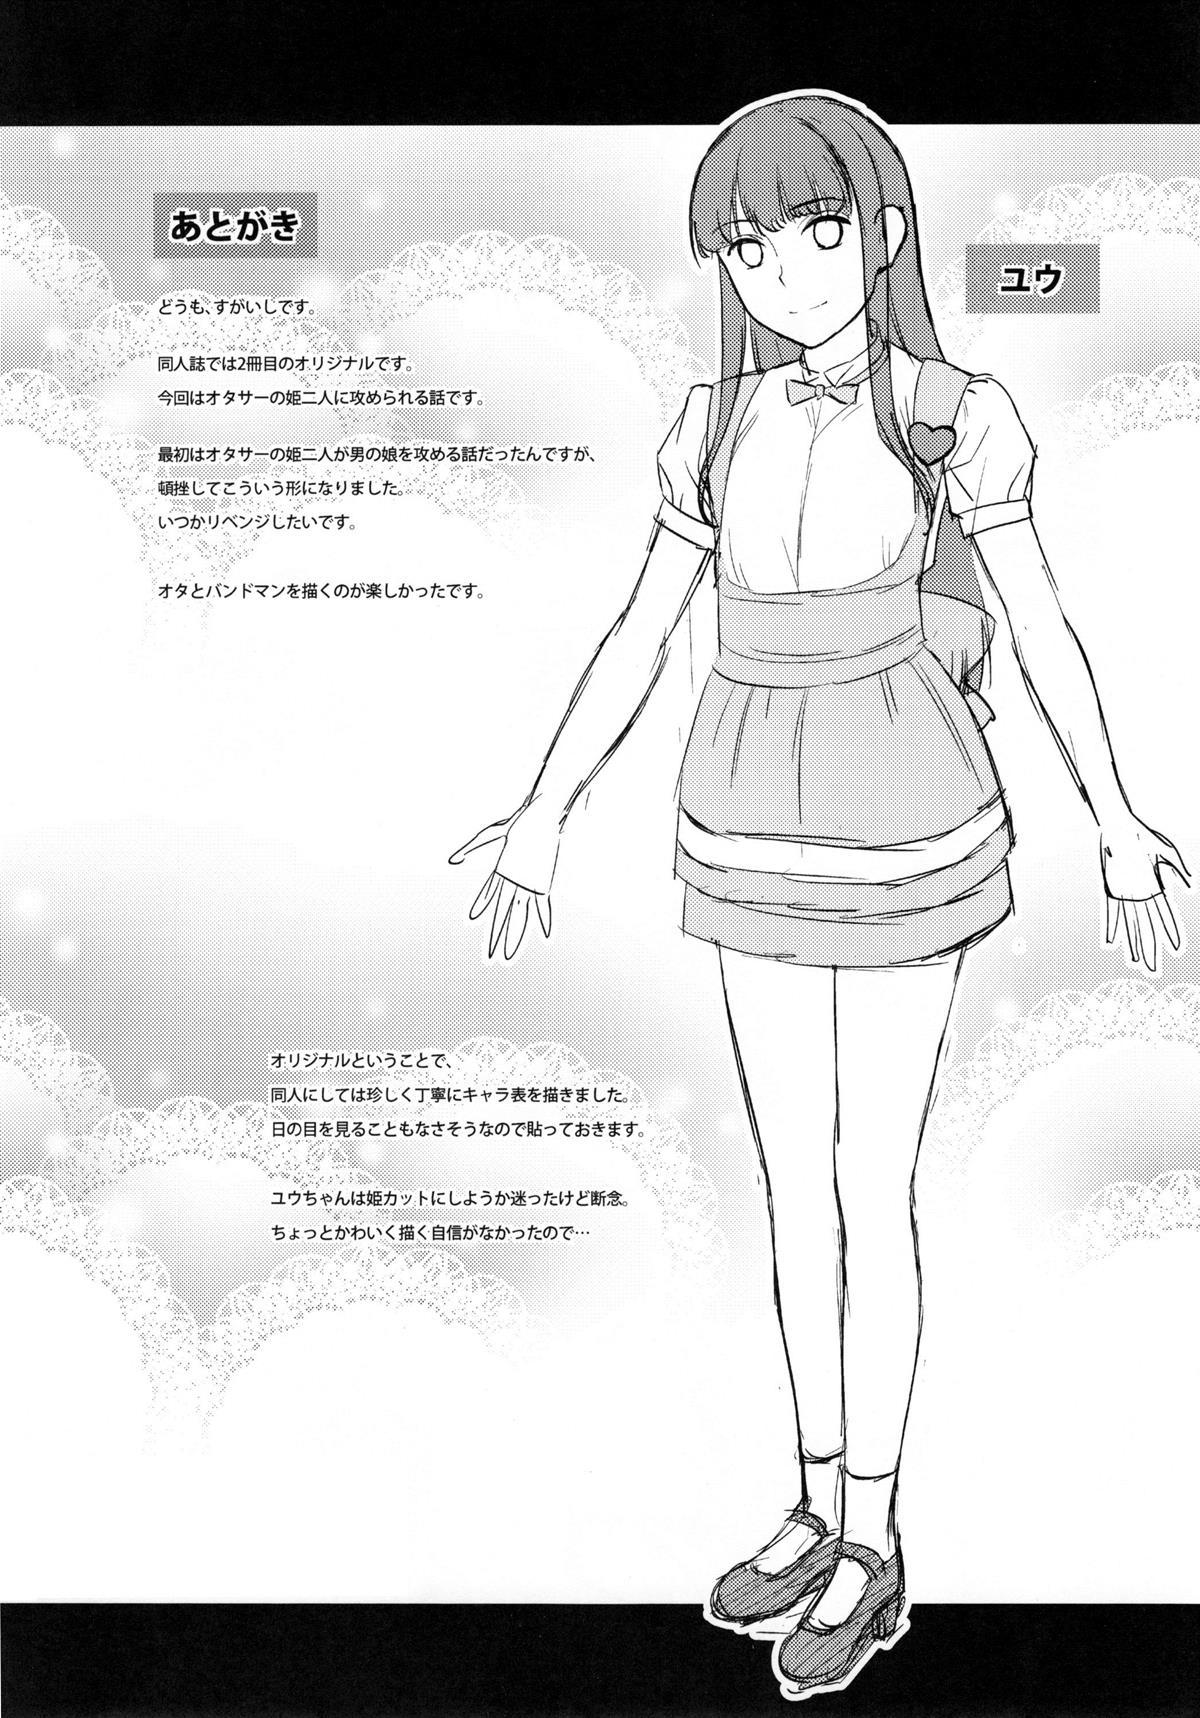 【エロ漫画・エロ同人】ボクっ娘とネコっ娘に迫られて選べずにいたらふたりがかりで射精しにかかってきたwwwww (20)